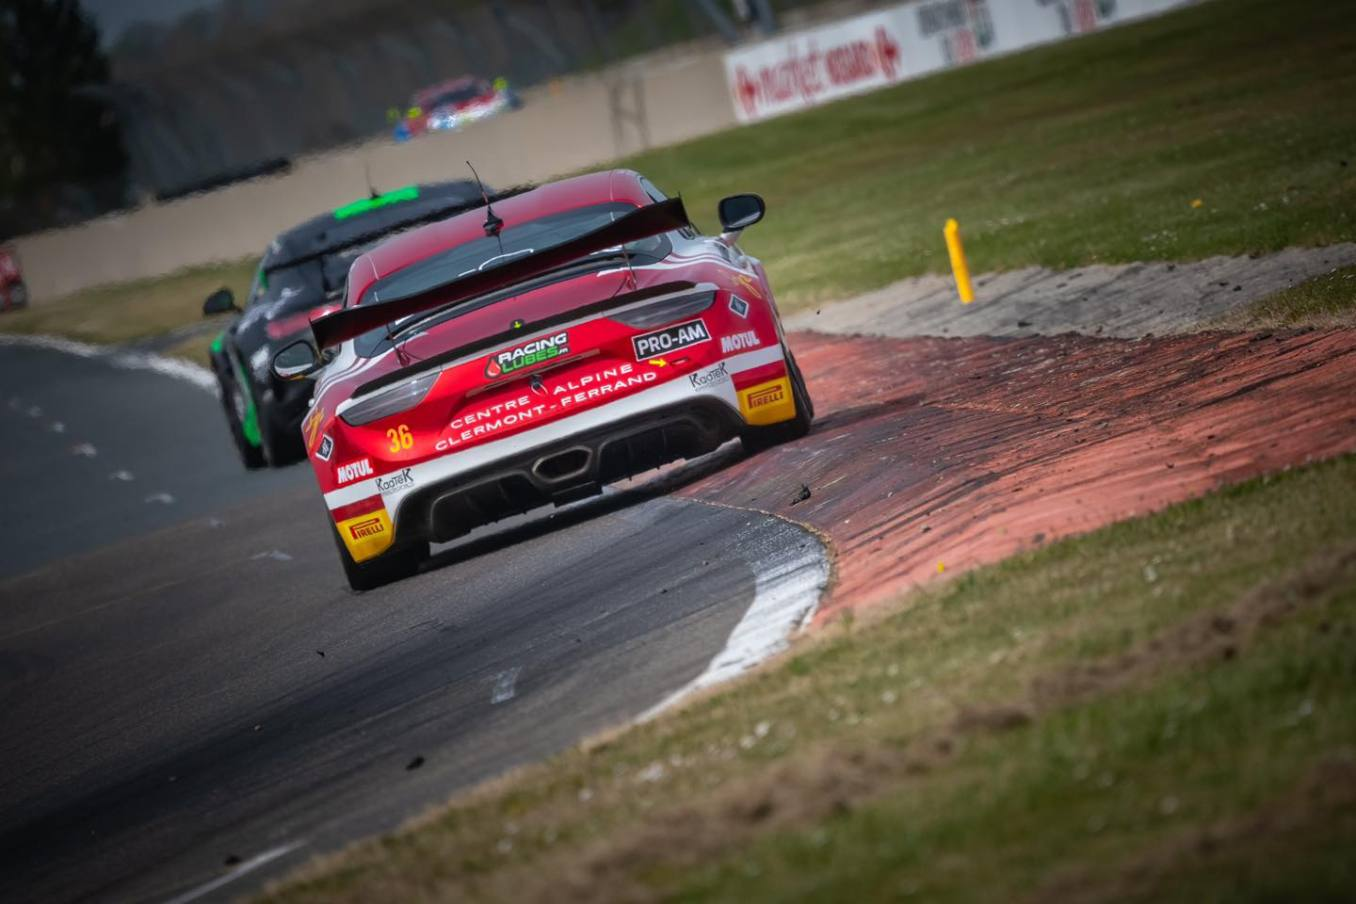 CMR Alpine A110 GT4 Prost Servol 2 | Alpine A110 GT4 : Victoire de Castelli et Wallgrenn pour les Coupes de Pâques à Nogaro